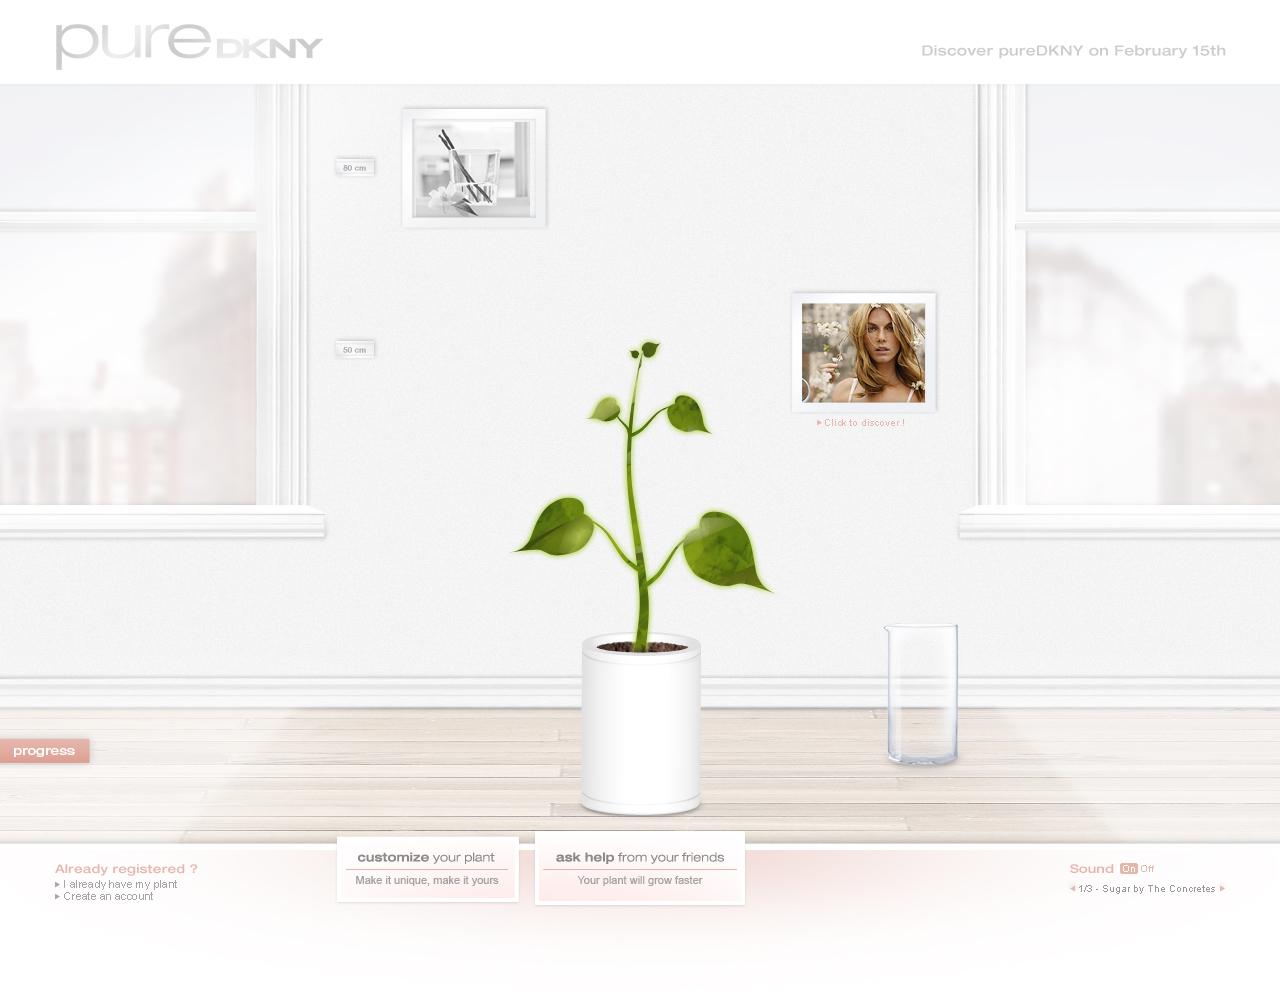 Planten her udvikler sig til noget, der kan blive dit